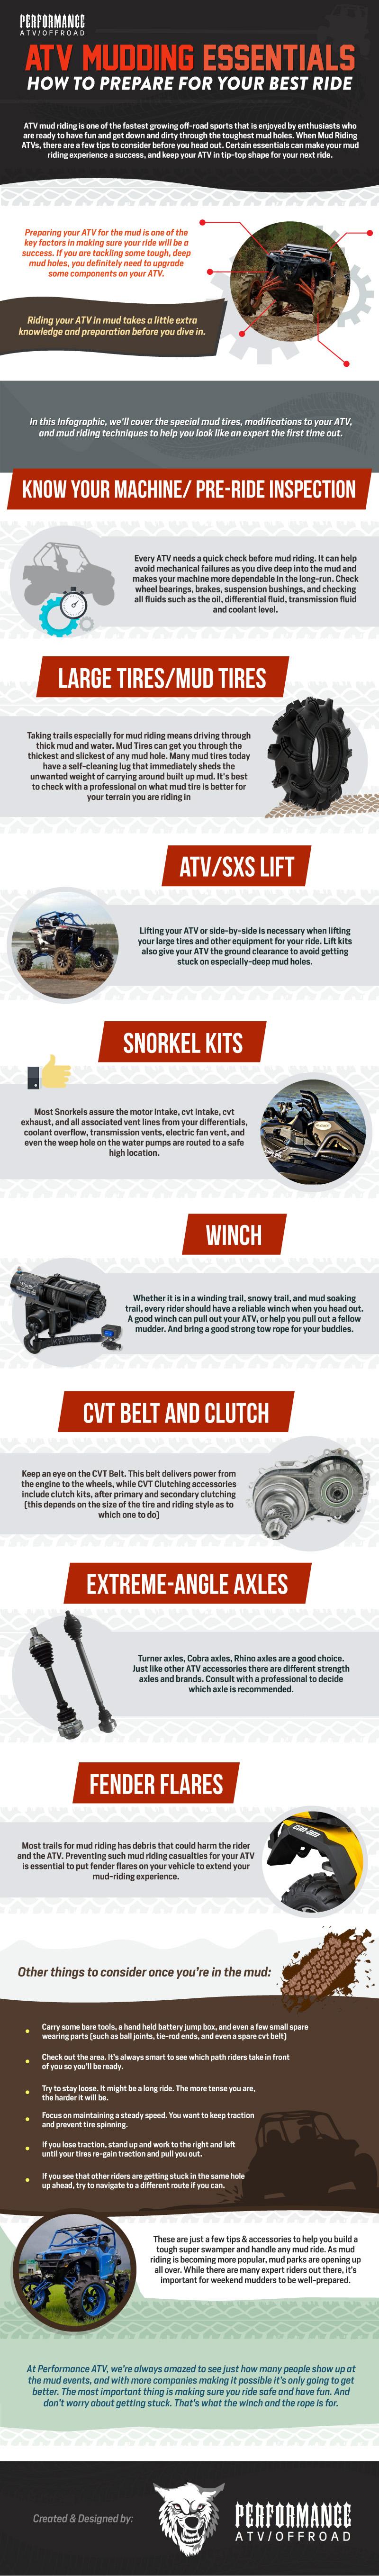 ATV Mudding Essentials [Infographic]